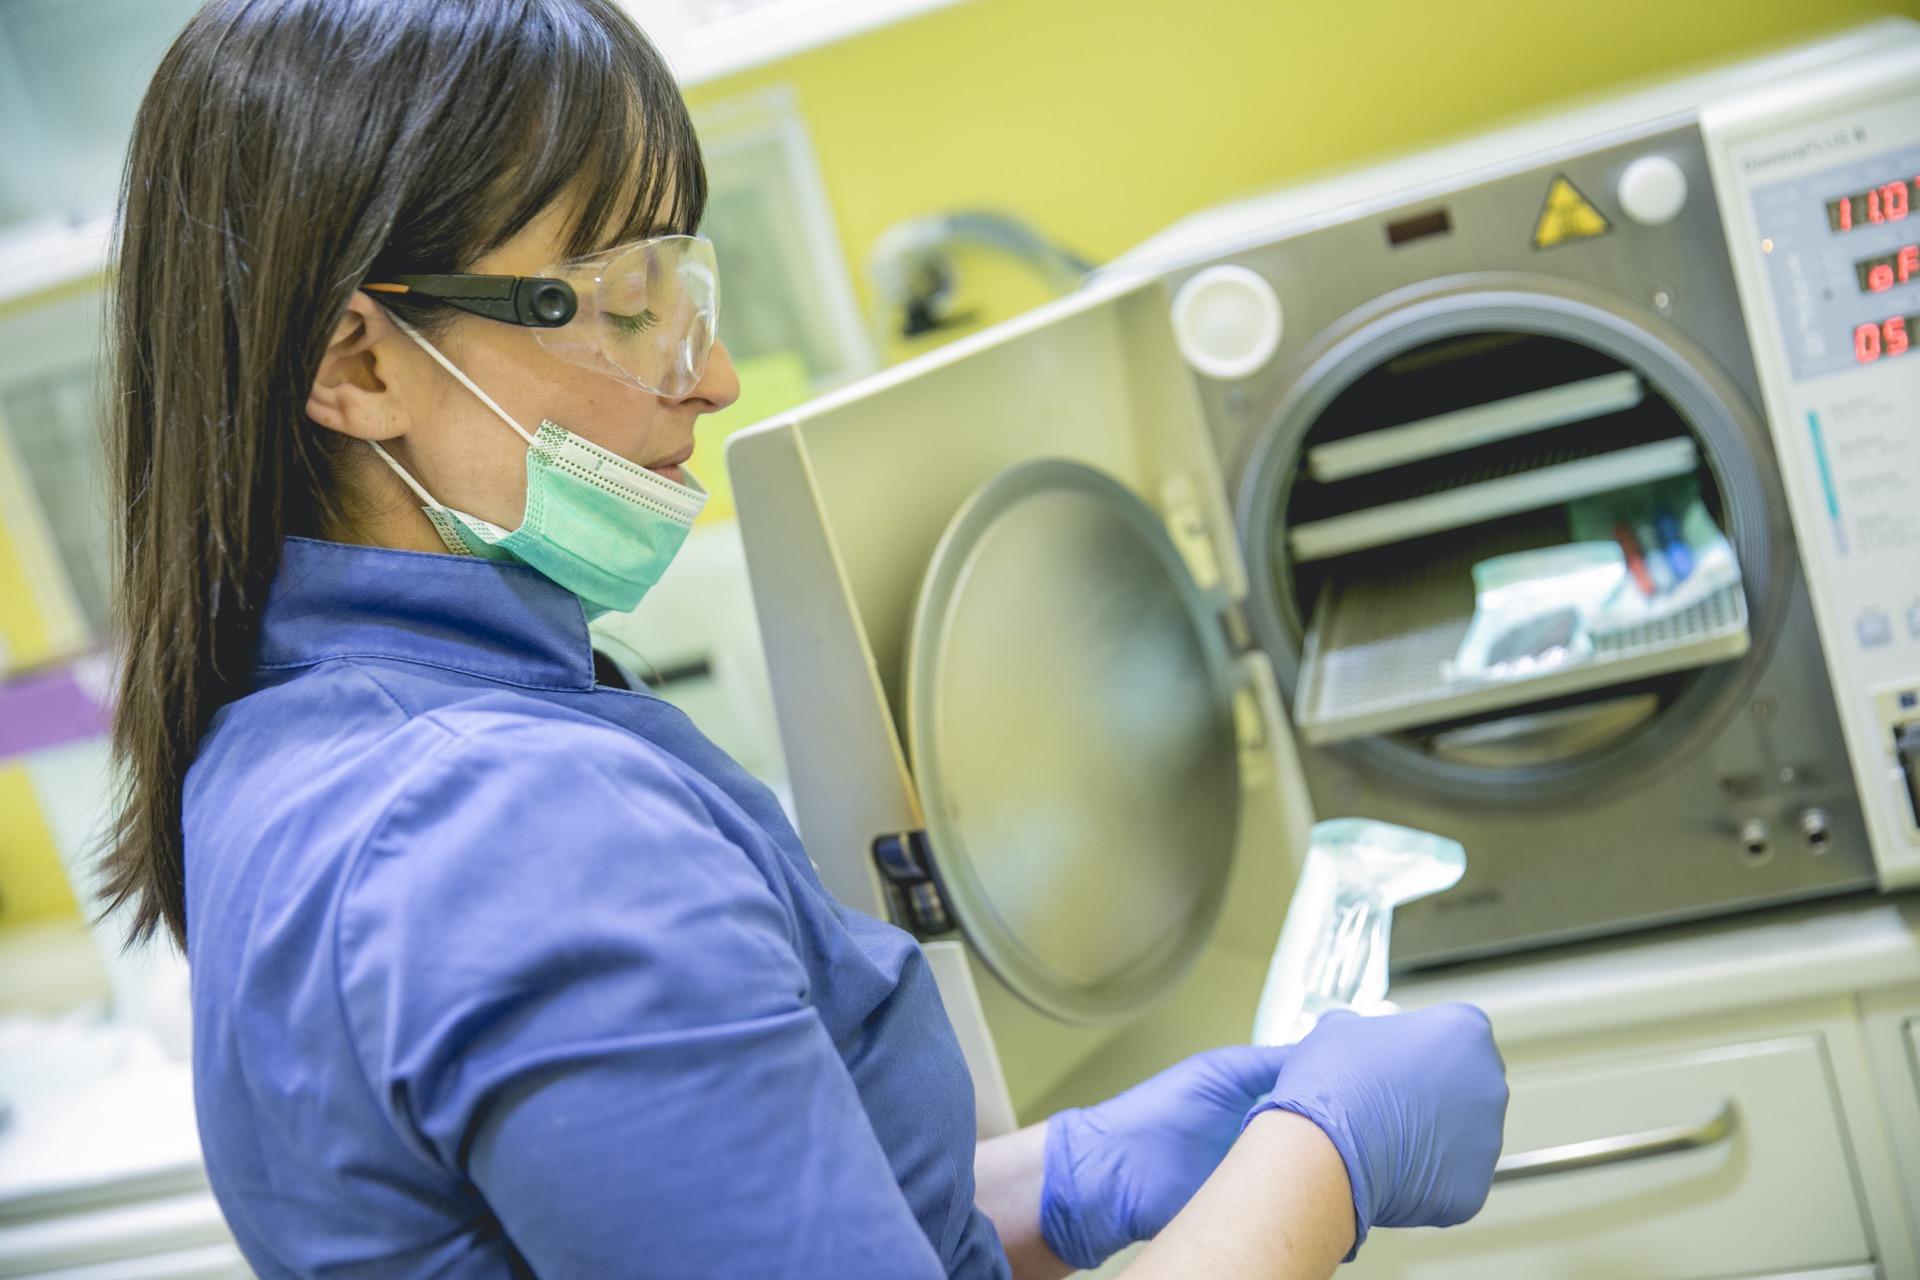 La professionalità del Centro Odontoiatrico OS per la migliore estetica dentale